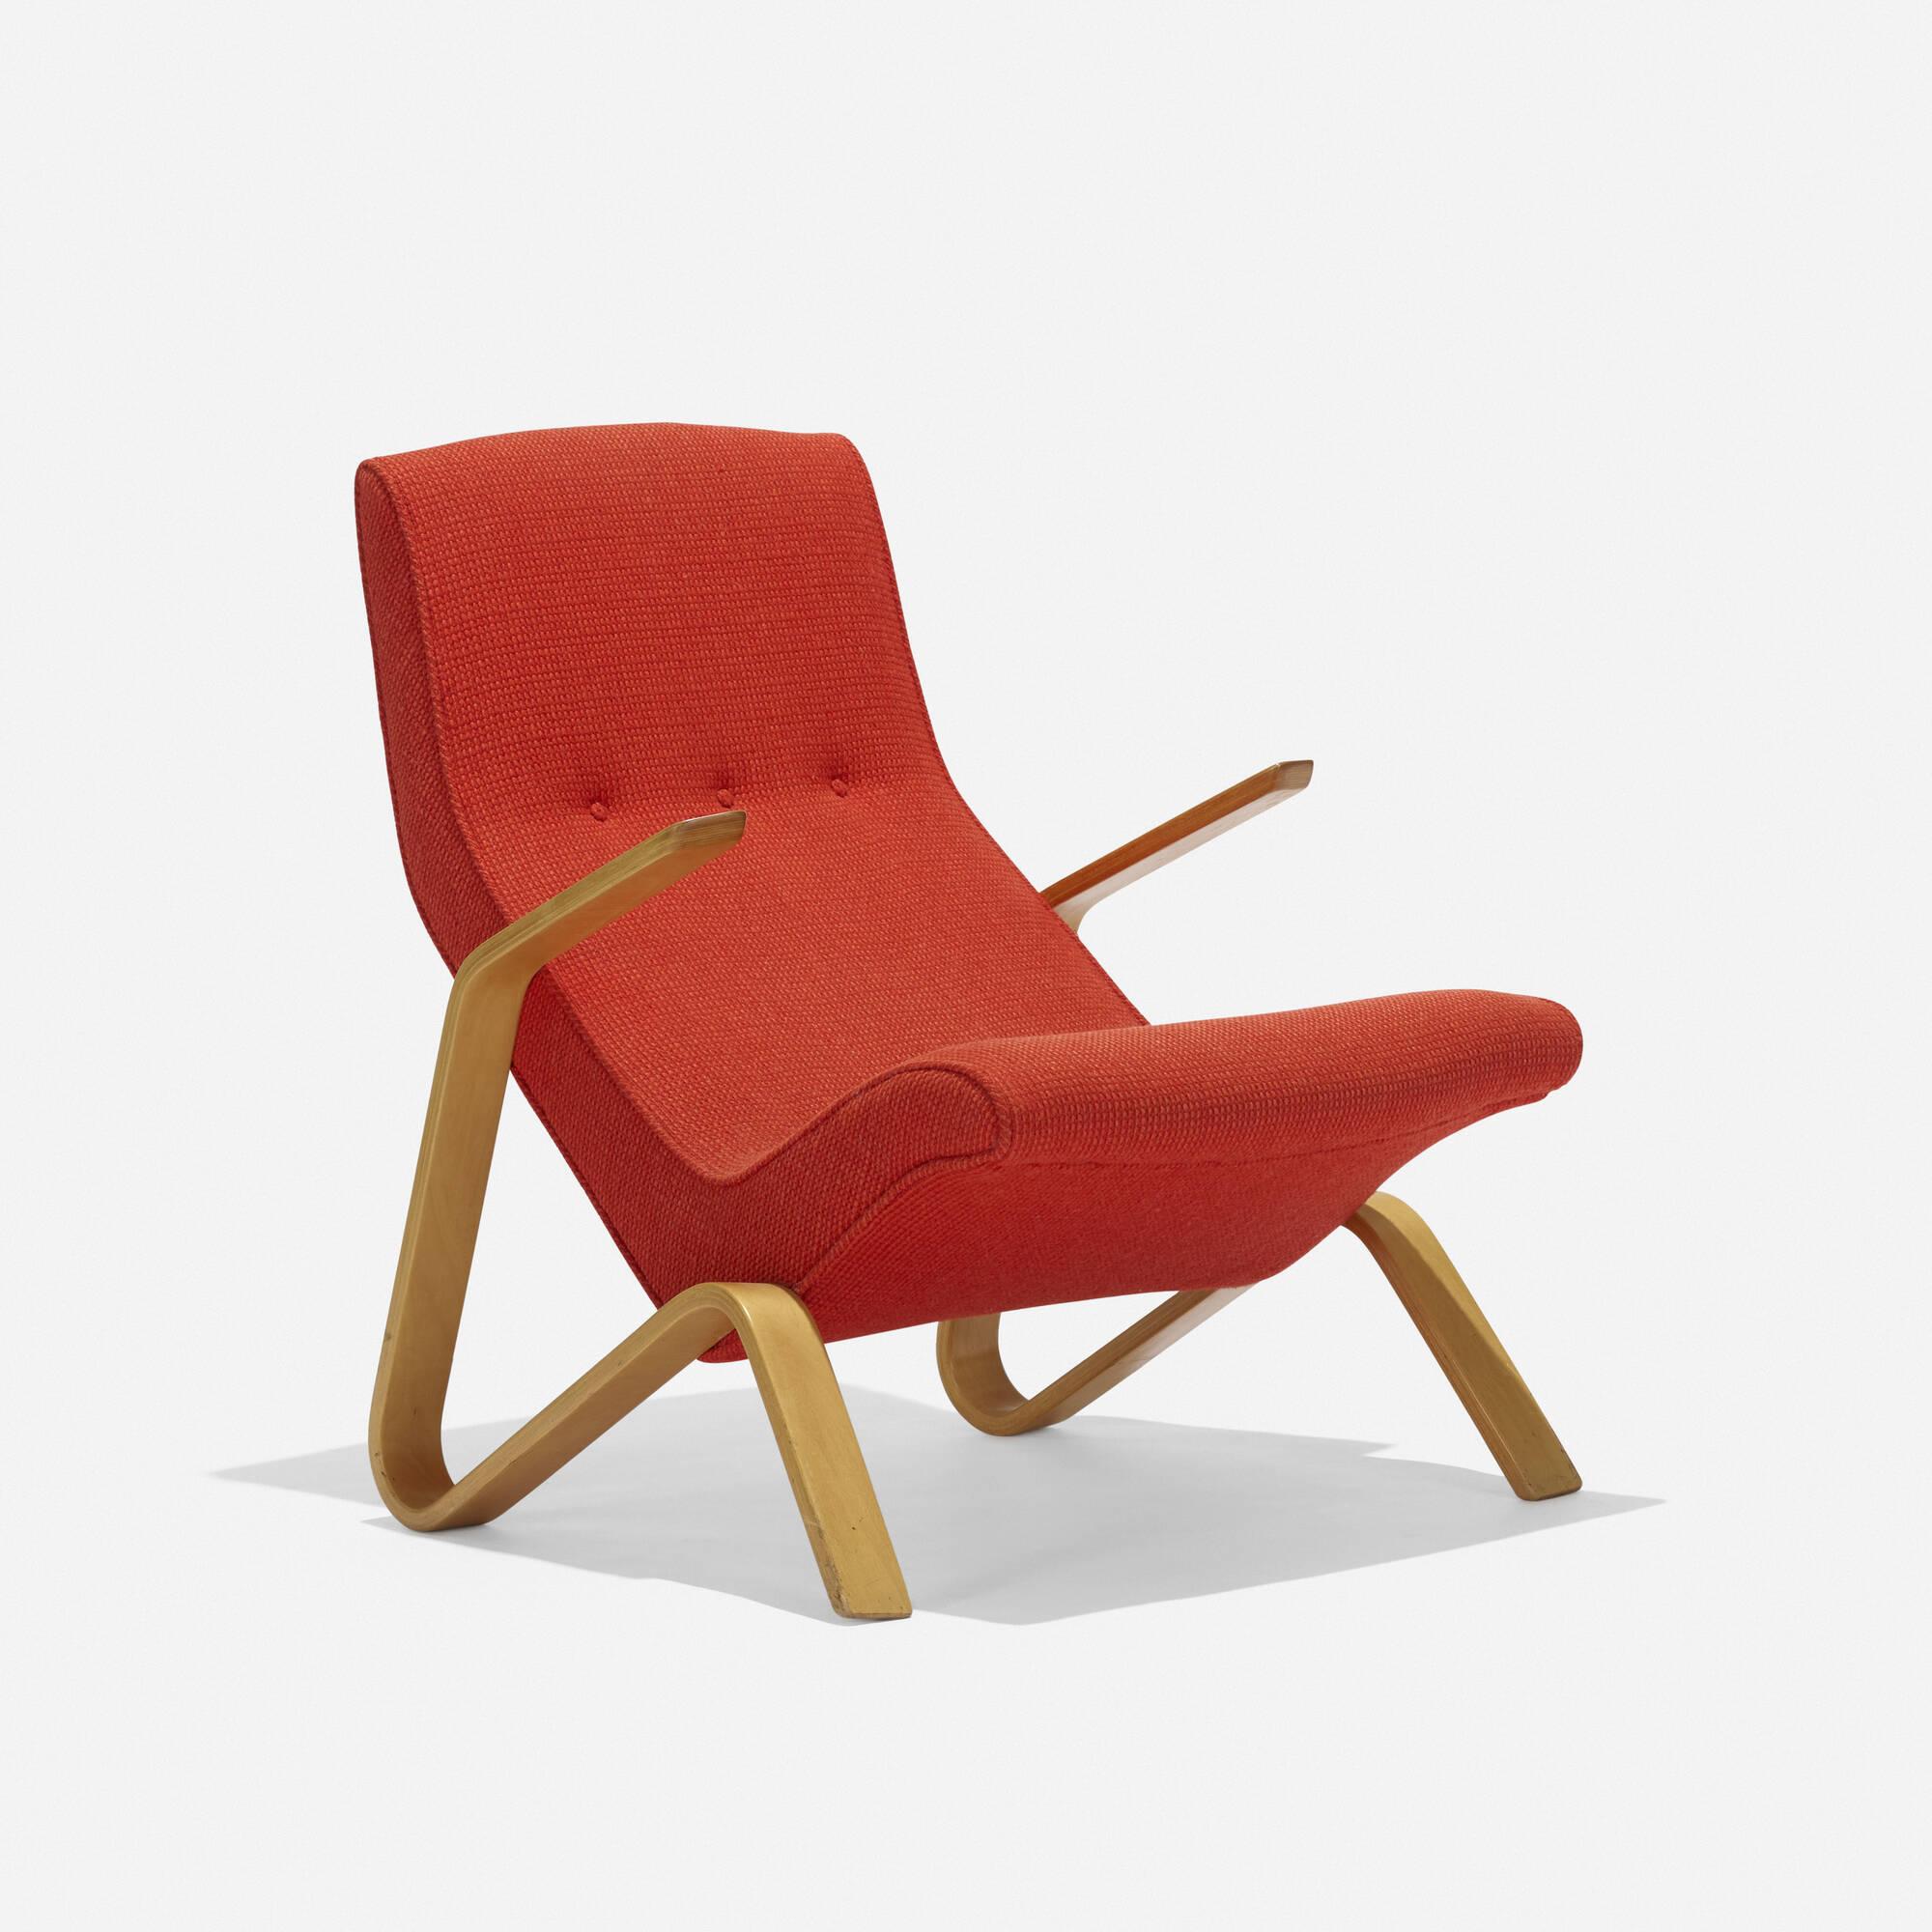 Chaise Saarinen. Good Chaise Tulip Eero Saarinen Chaise Tulip Knoll on